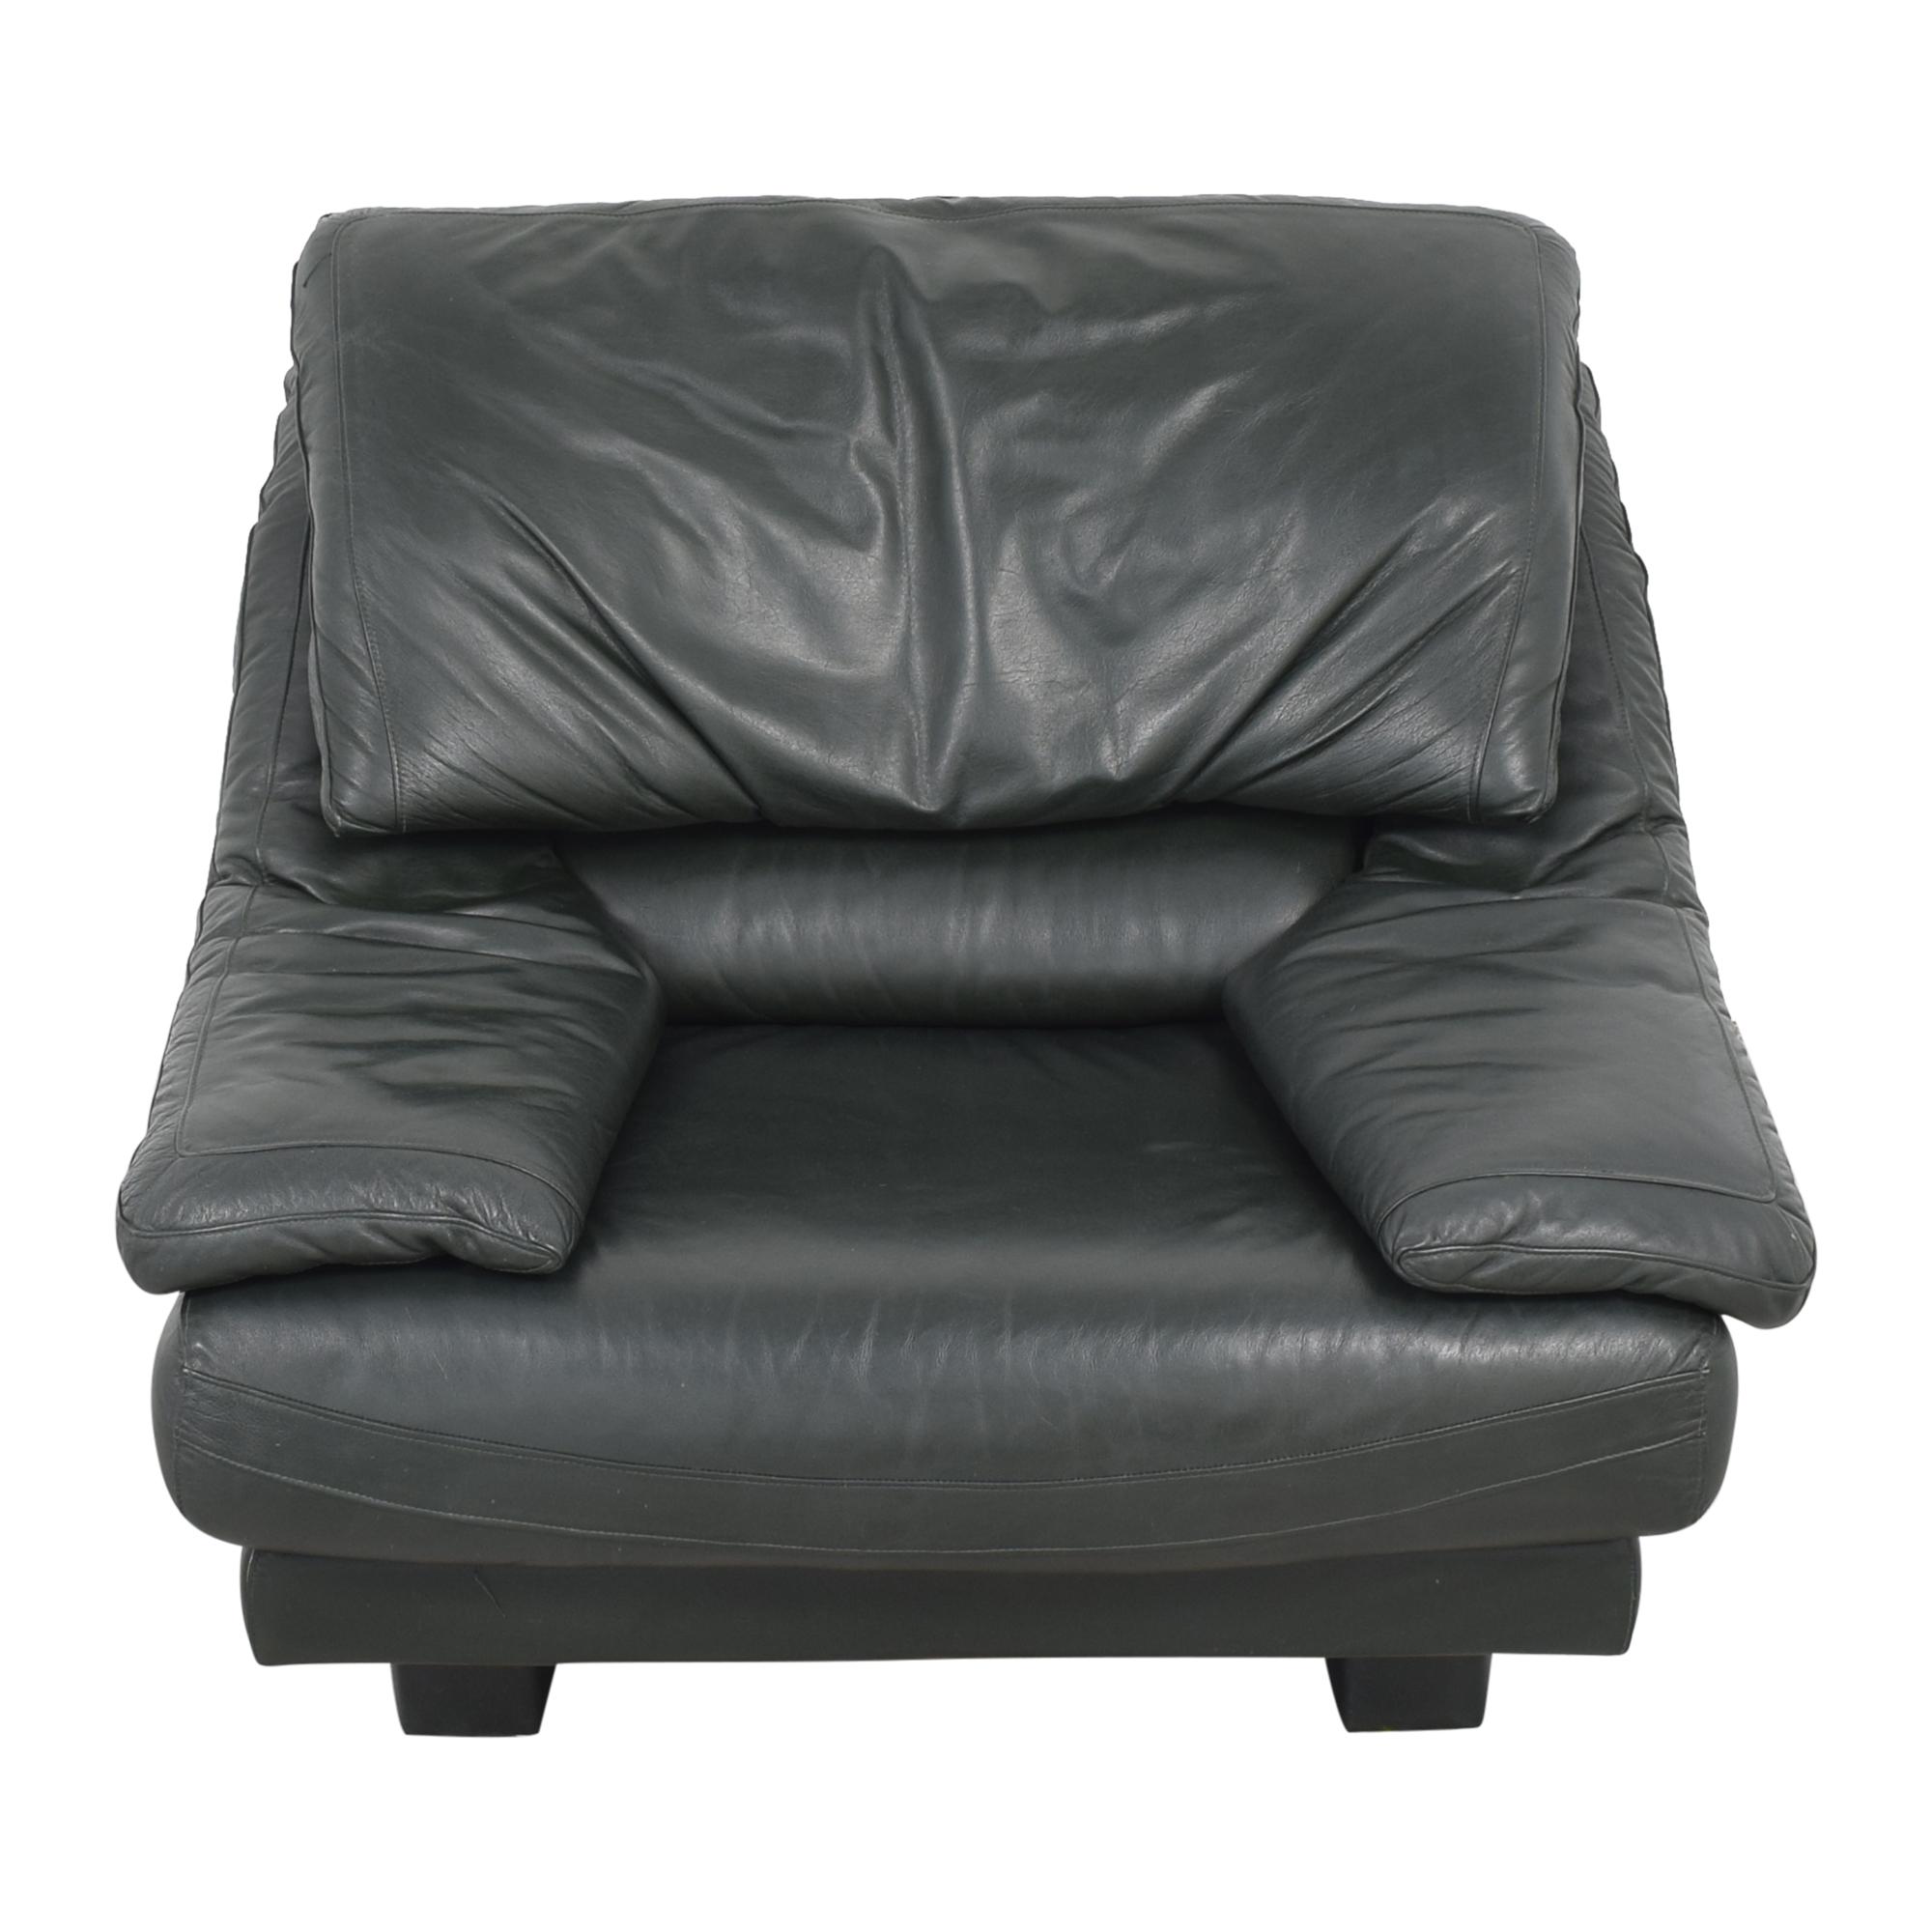 Natuzzi Natuzzi Padded Arm Lounge Chair used